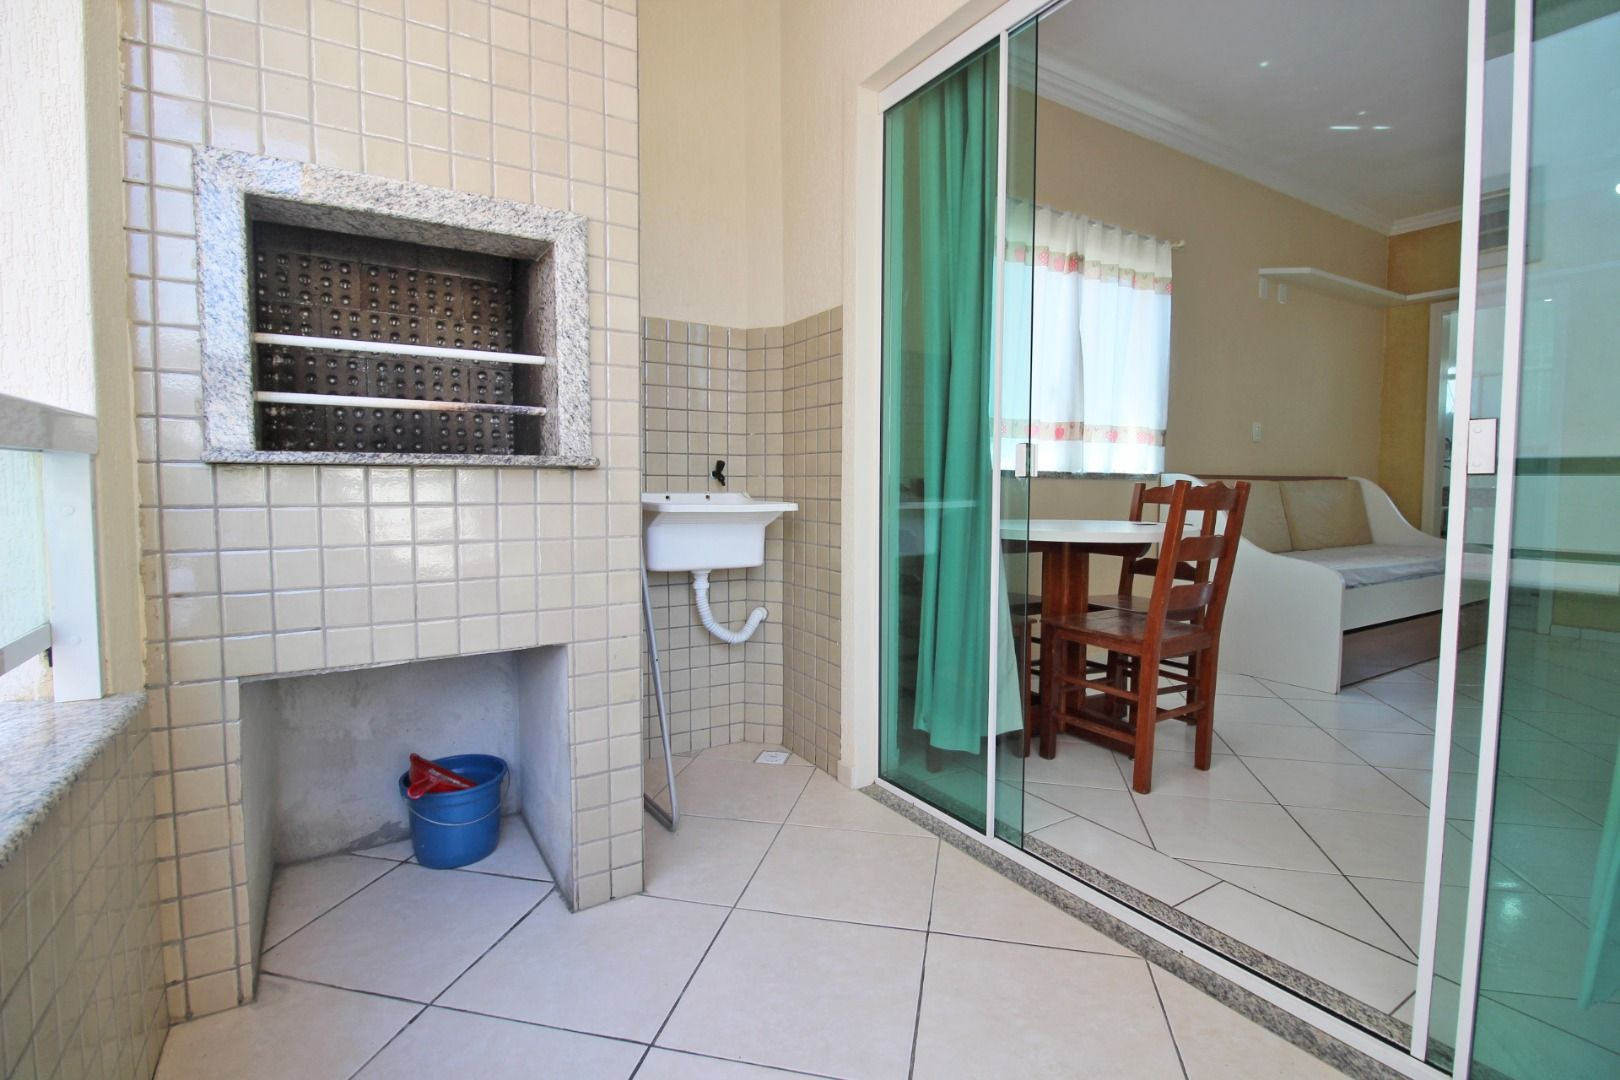 Apartamento com 1 Dormitórios à venda, 600 m² por R$ 2.500.000,00